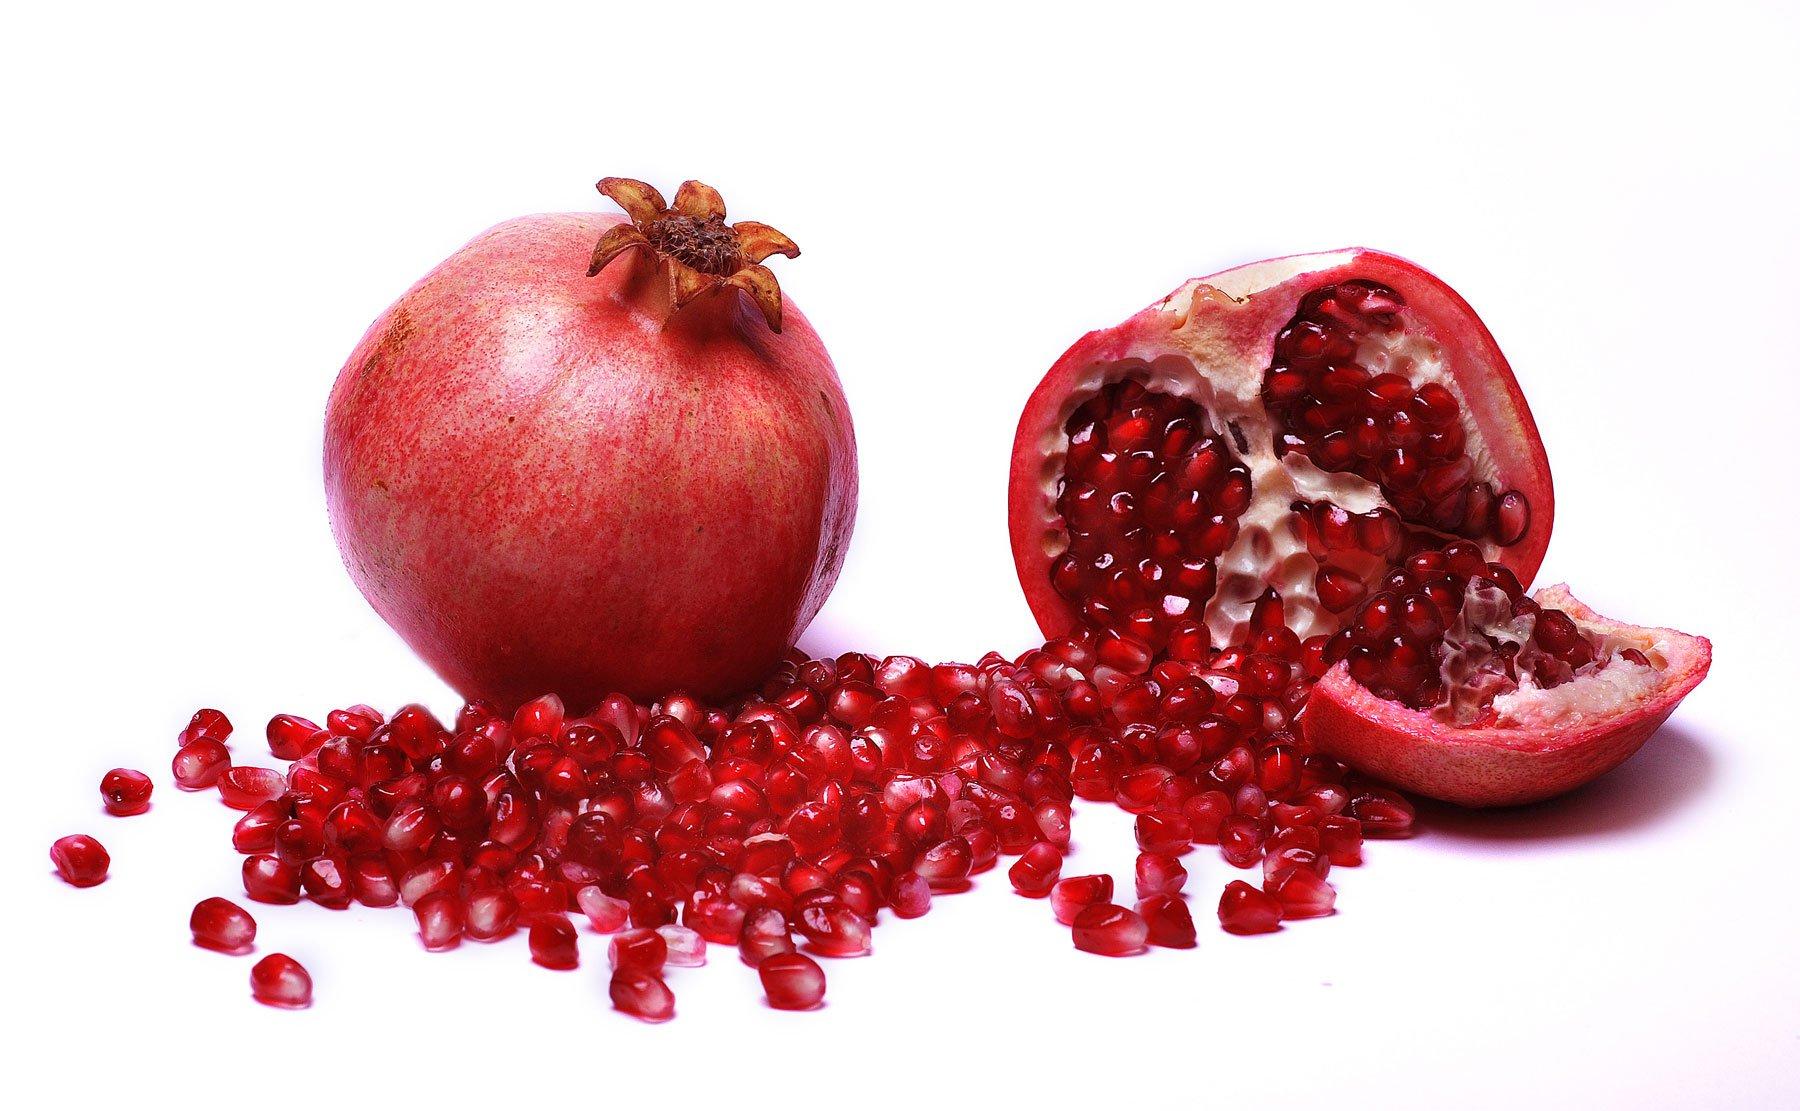 بالصور اسم فاكهة من 3 حروف لو قلبناها اصبح اسم حيوان 20160617 139